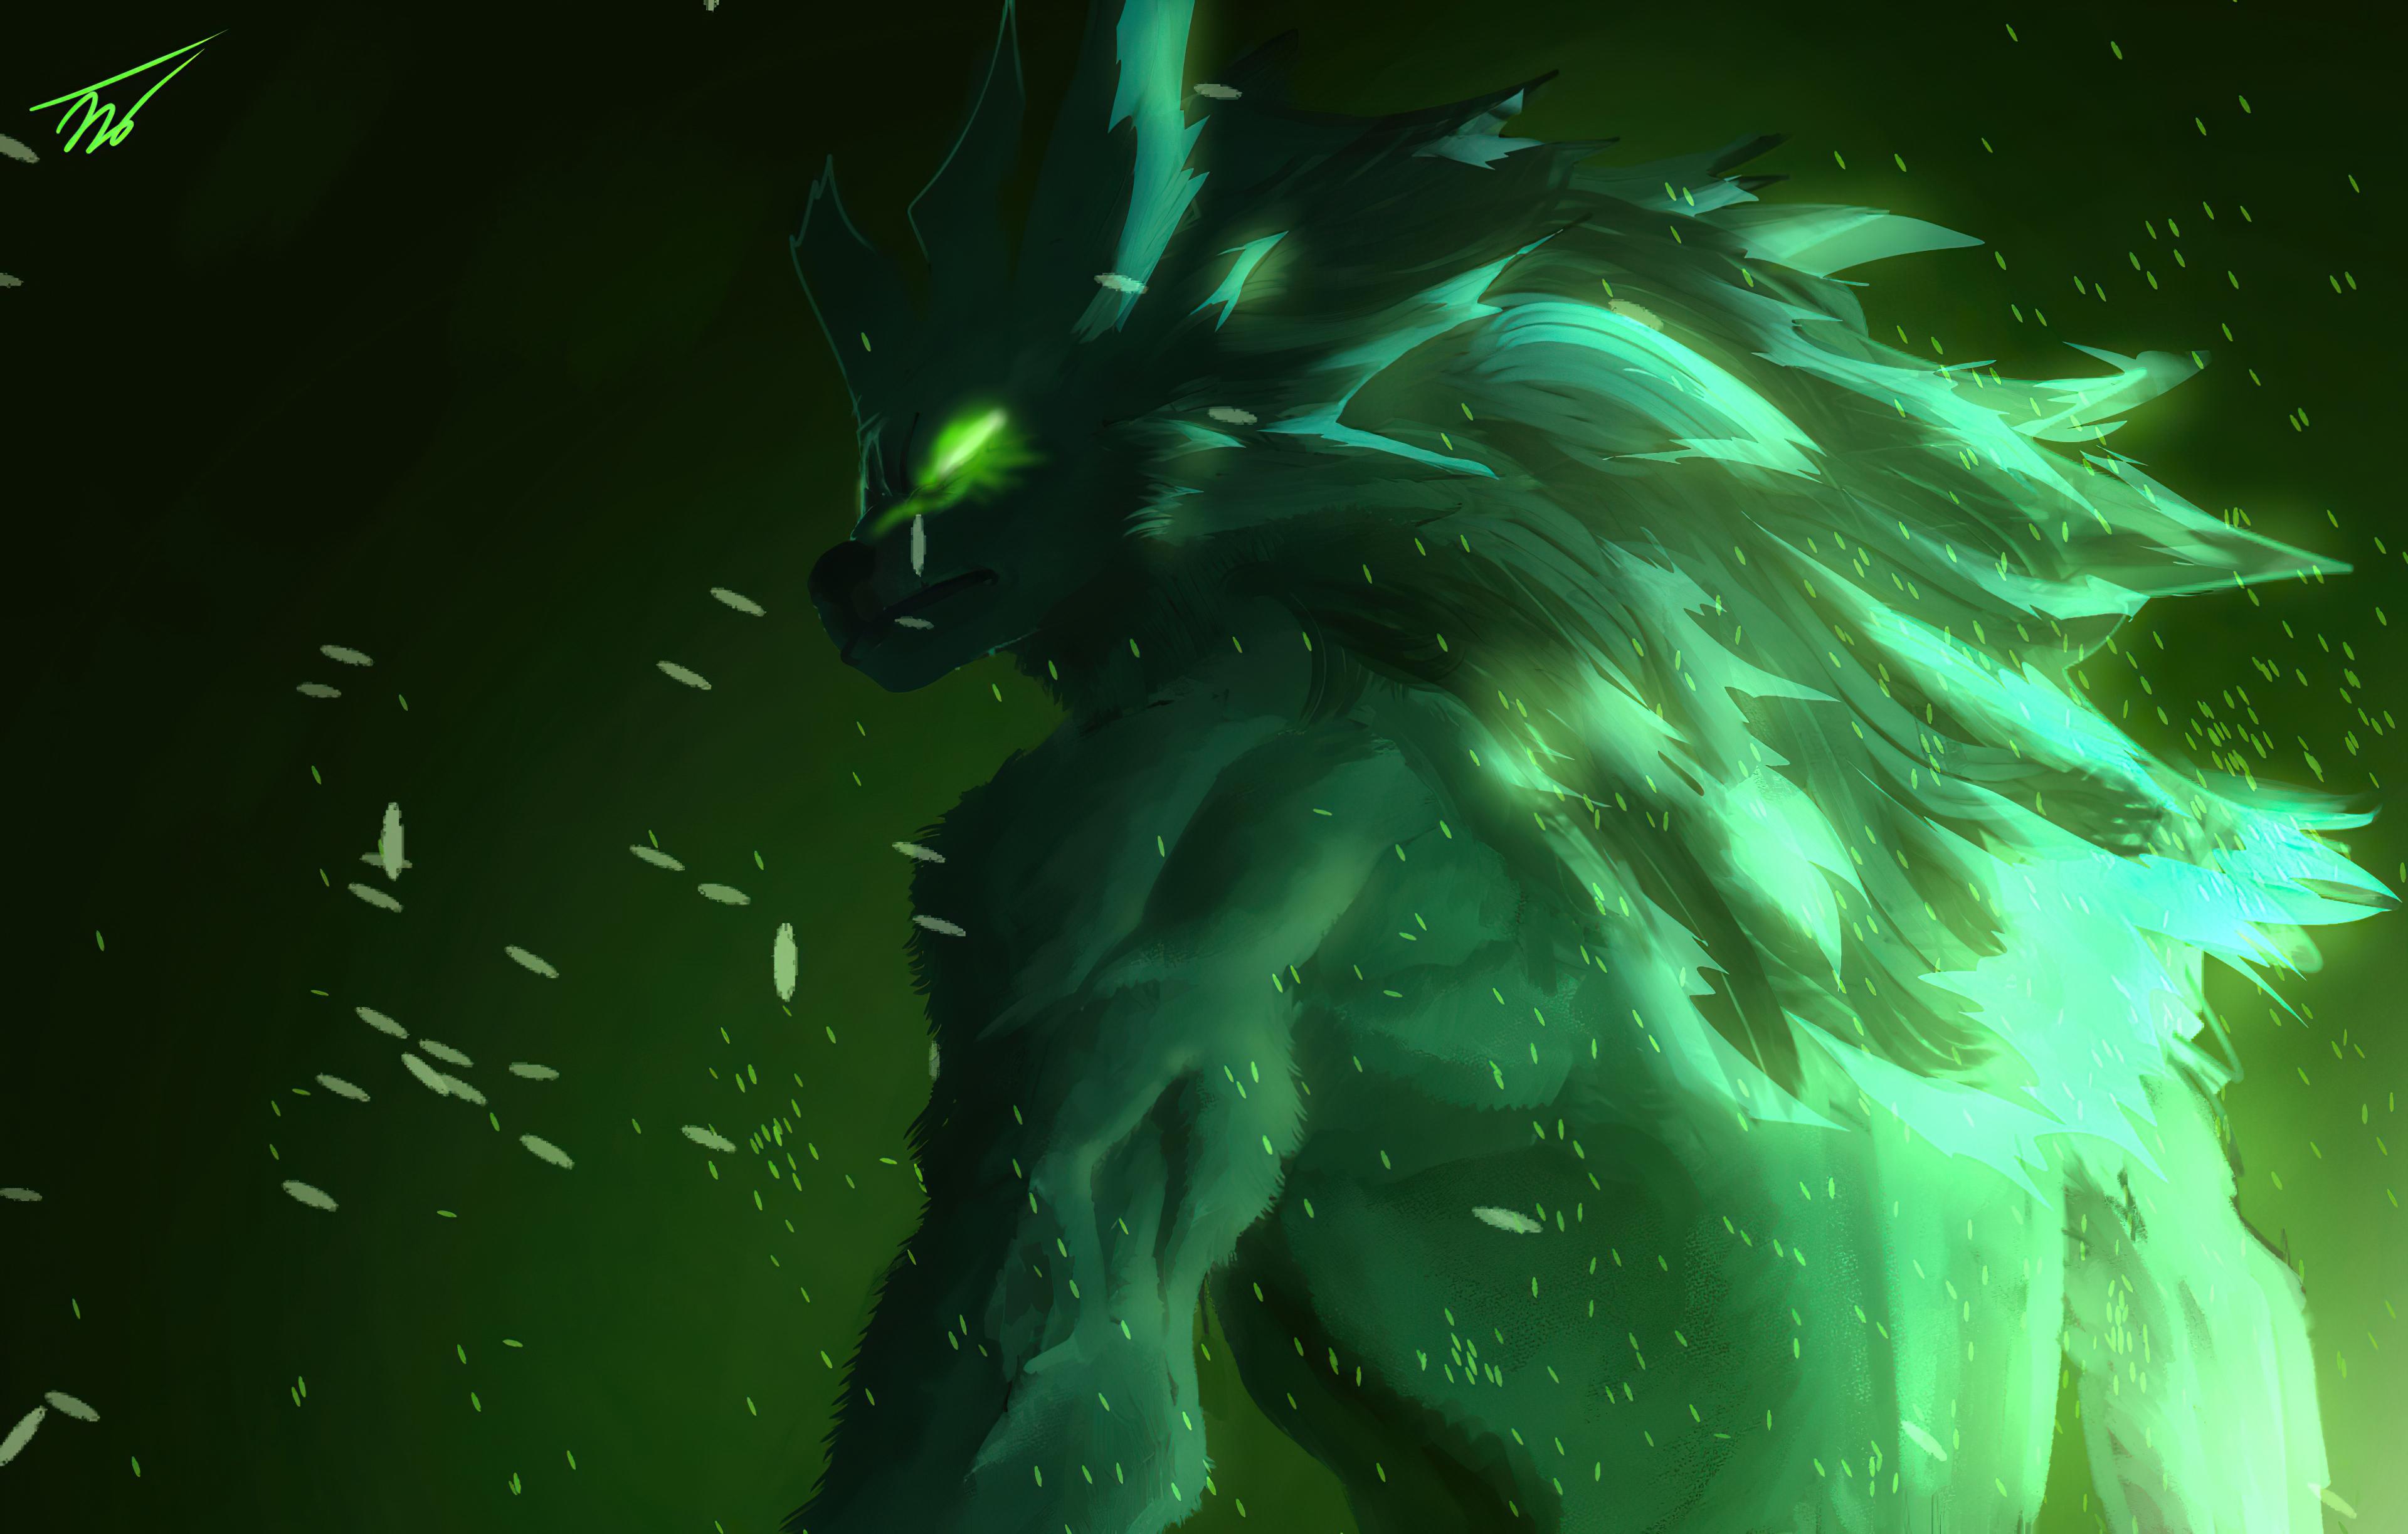 green werewolf 4k 1608581857 - Green Werewolf 4k - Green Werewolf 4k wallpapers